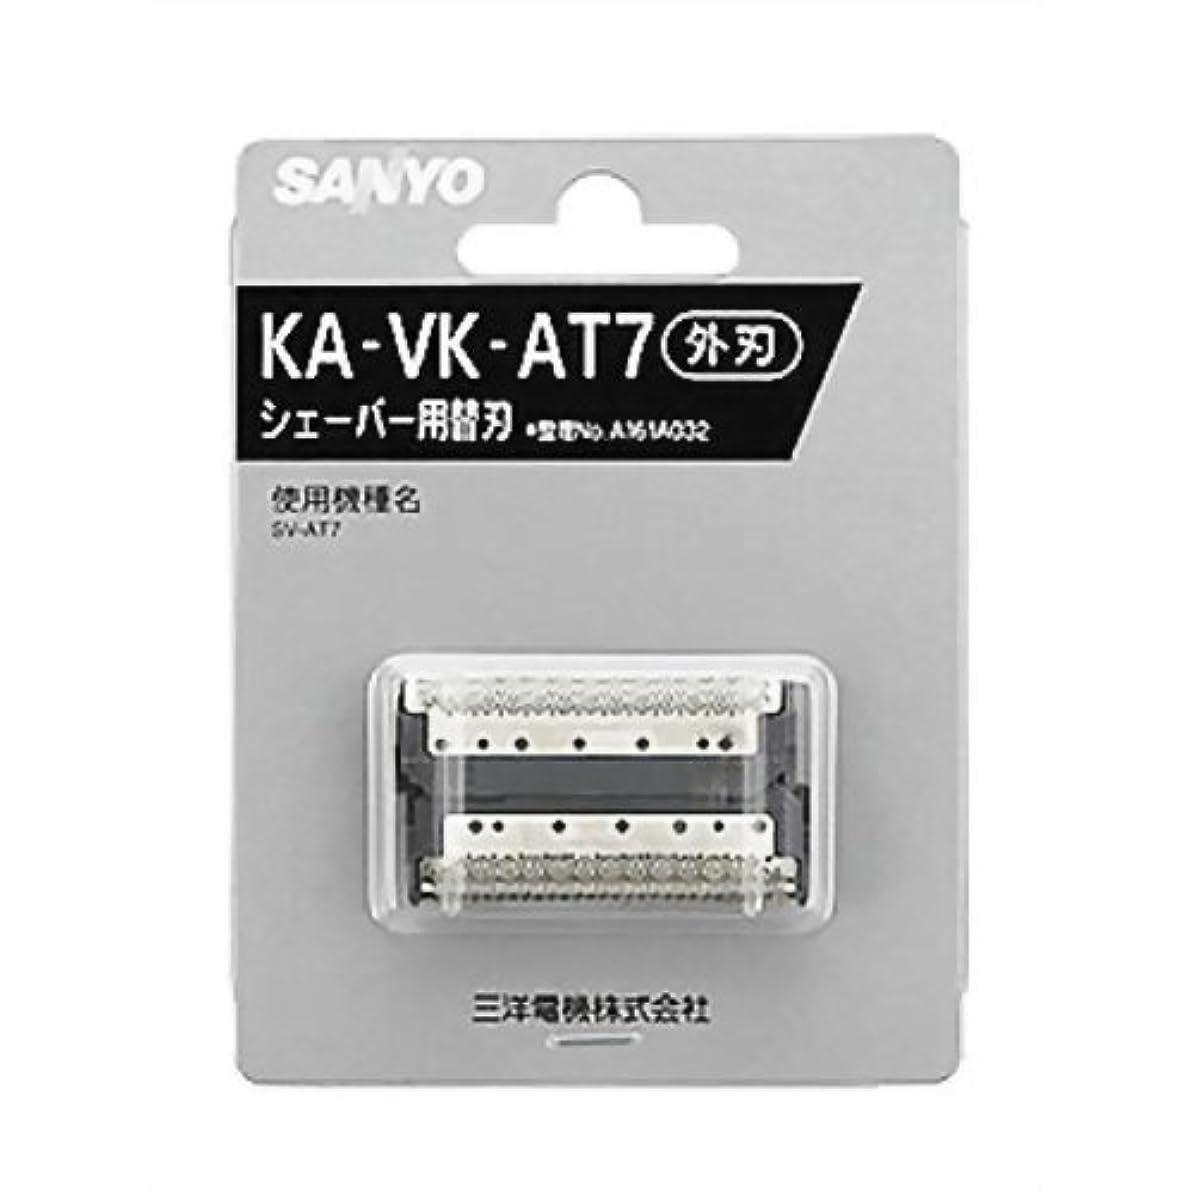 反逆美徳美容師SANYO メンズシェーバー替刃(外刃) KA-VK-AT7